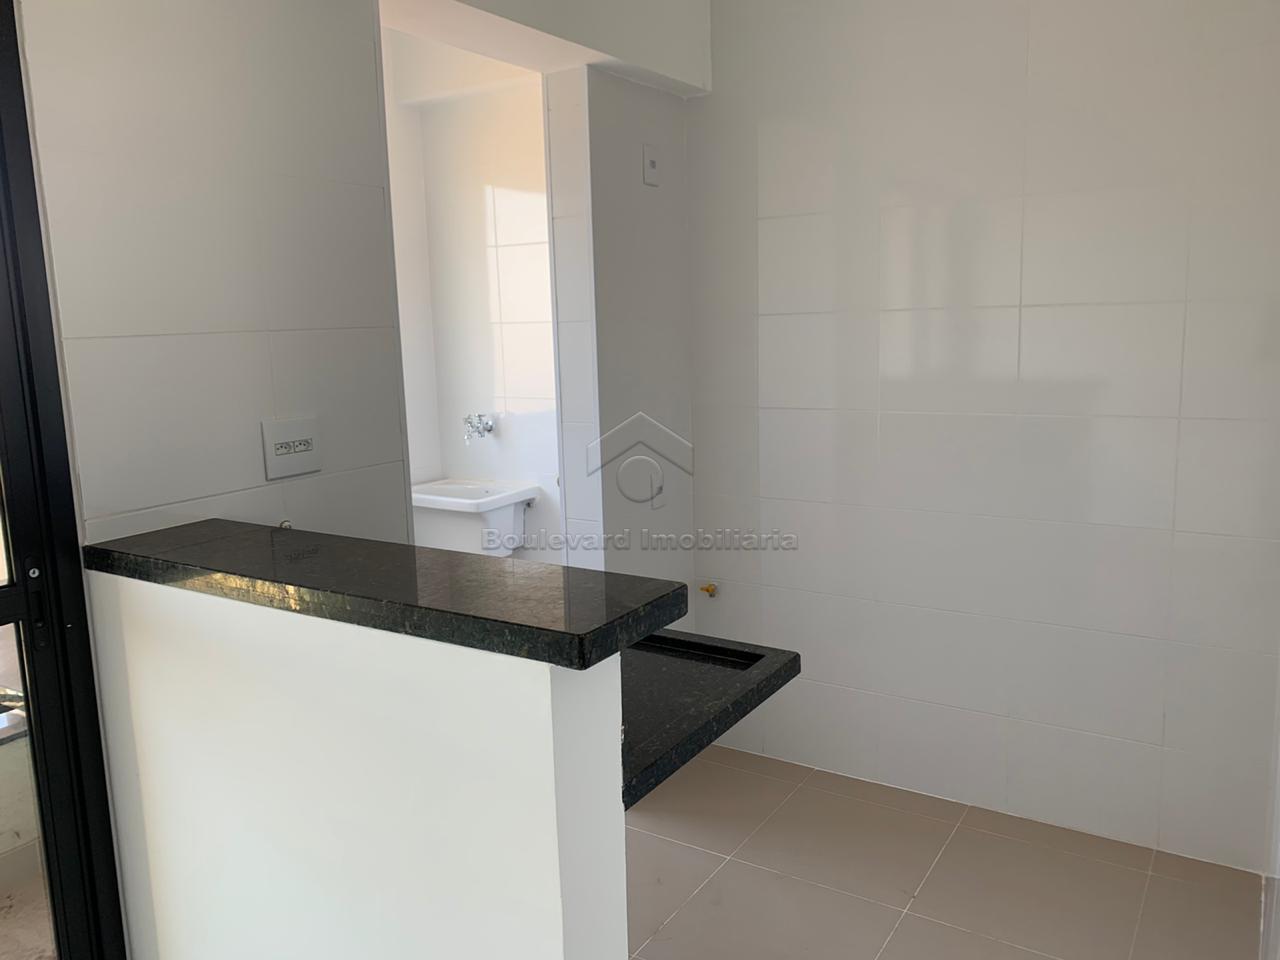 Comprar Apartamento / Kitchnet em Ribeirão Preto apenas R$ 138.000,00 - Foto 7